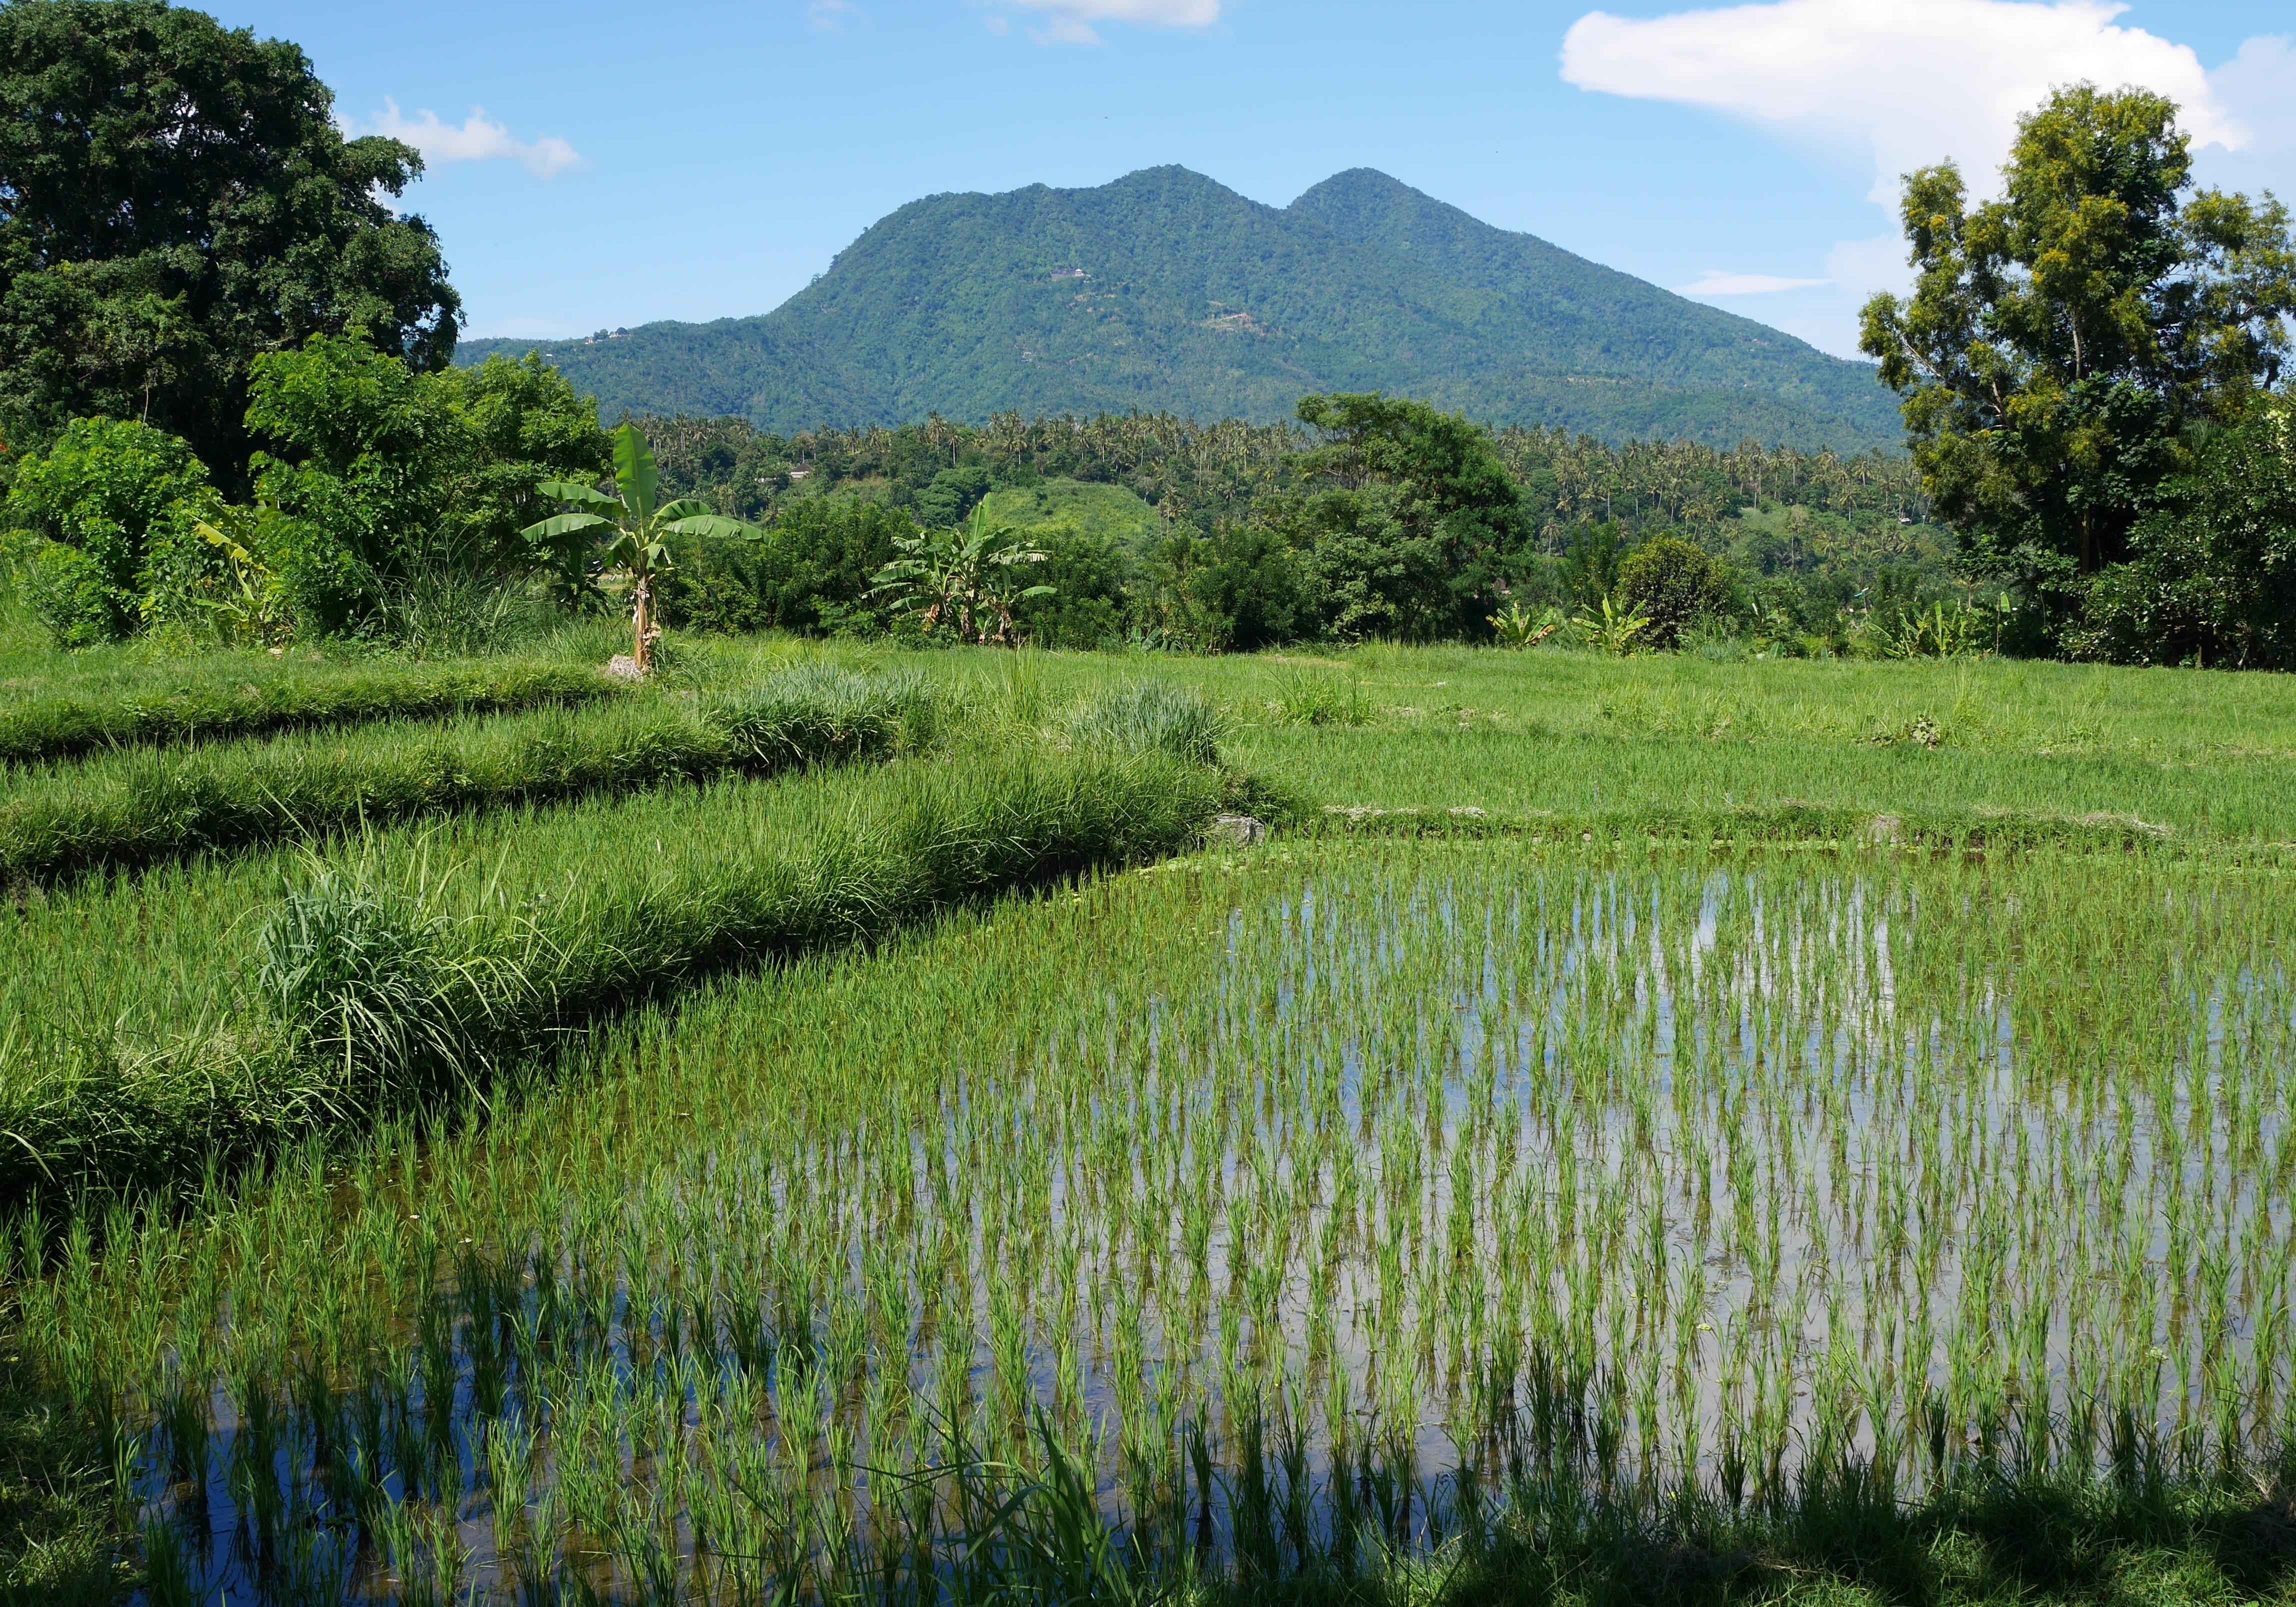 Rice fields near Amed - East Bali